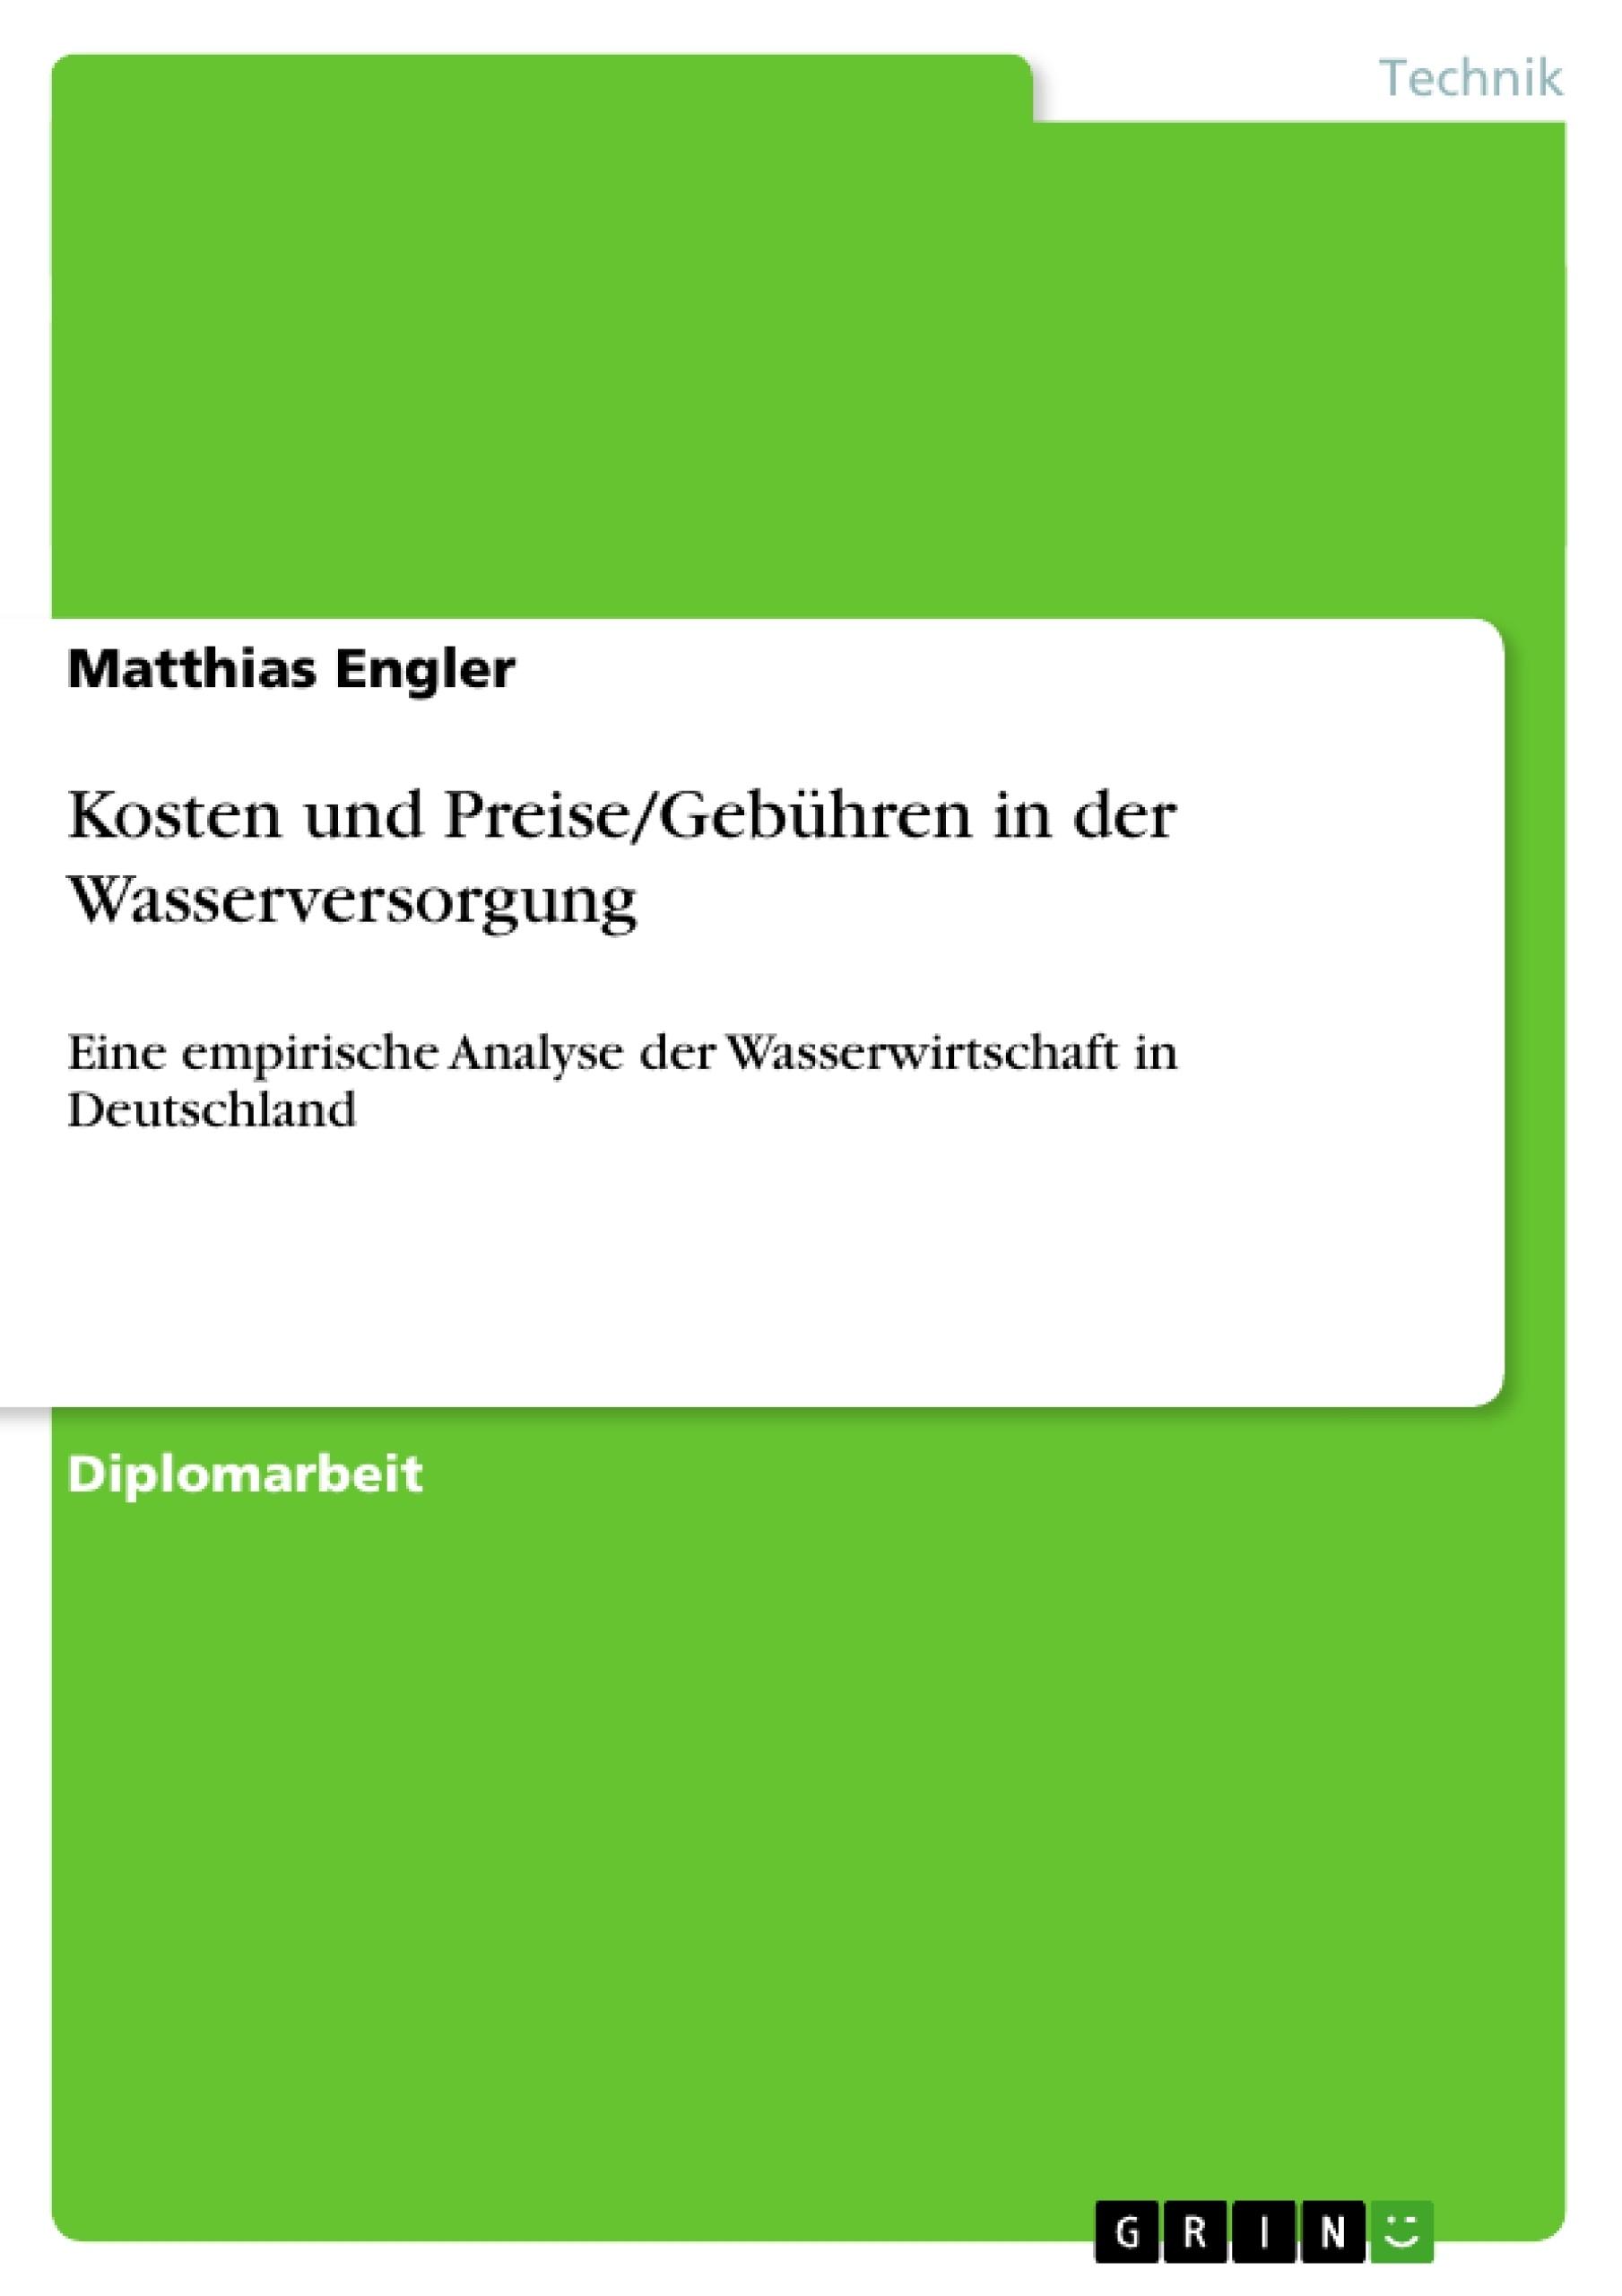 Titel: Kosten und Preise/Gebühren in der Wasserversorgung